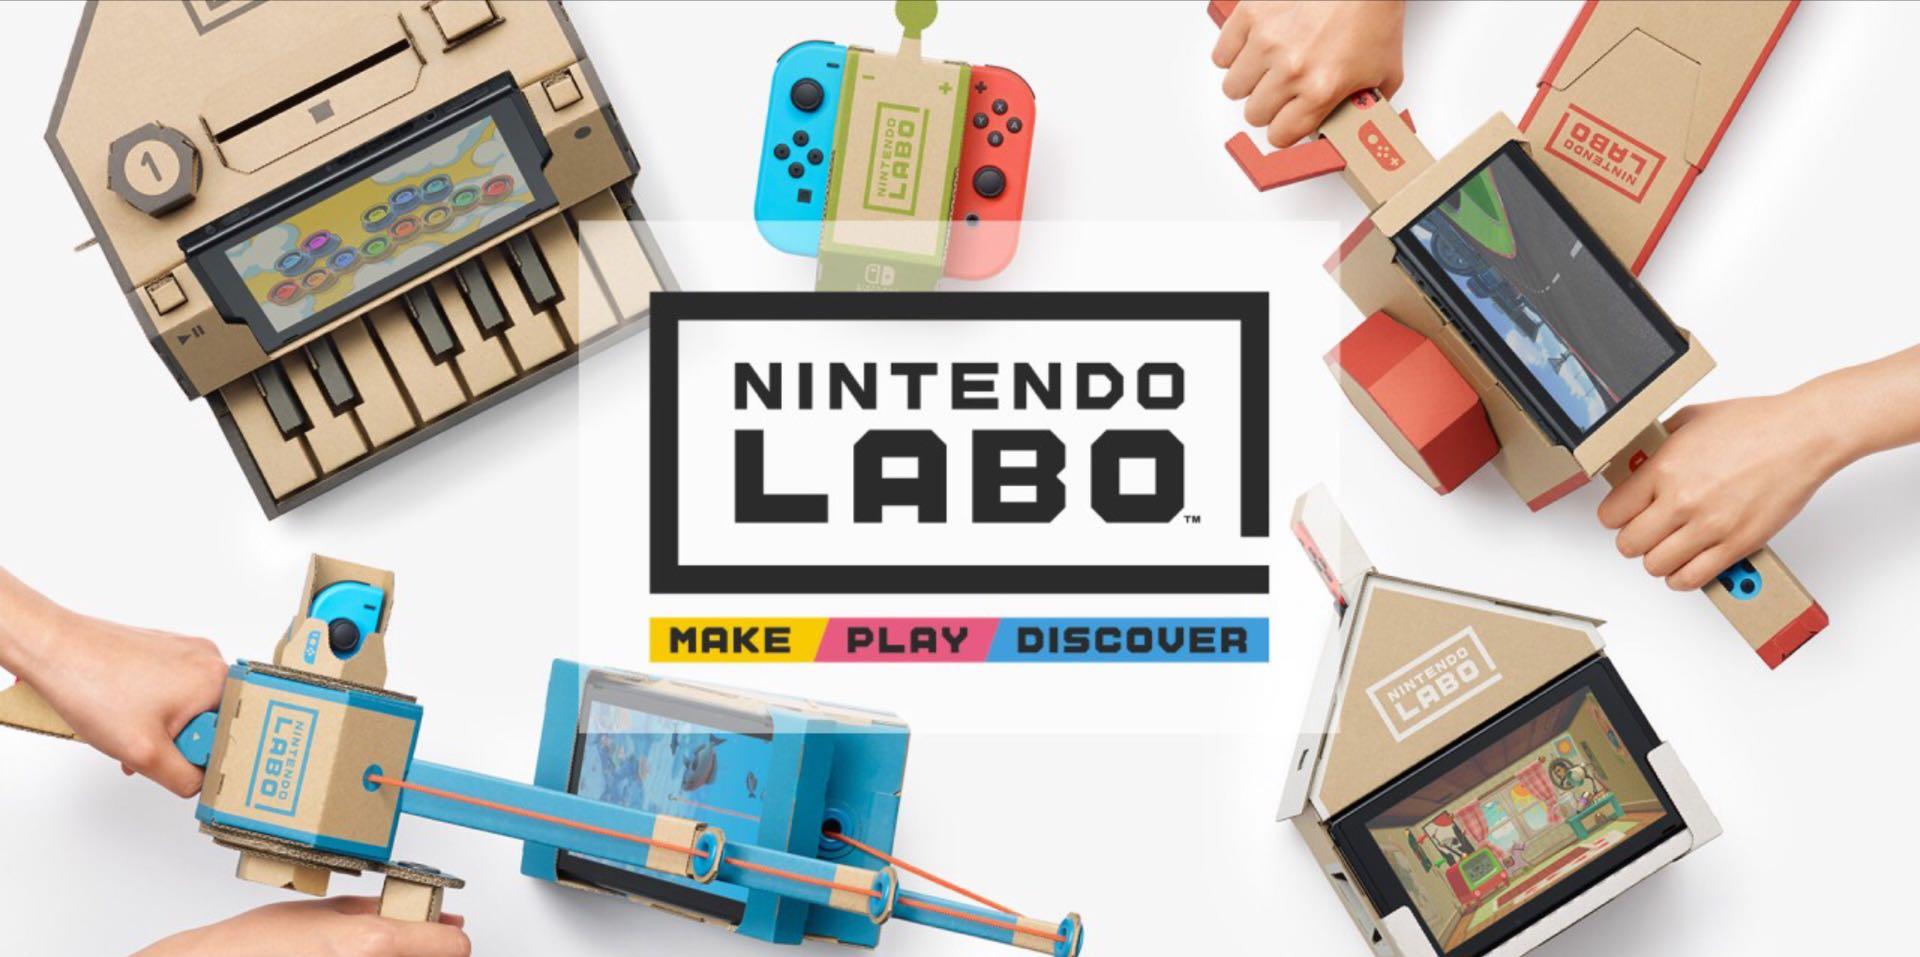 nintendo-labo-cardboard-kit